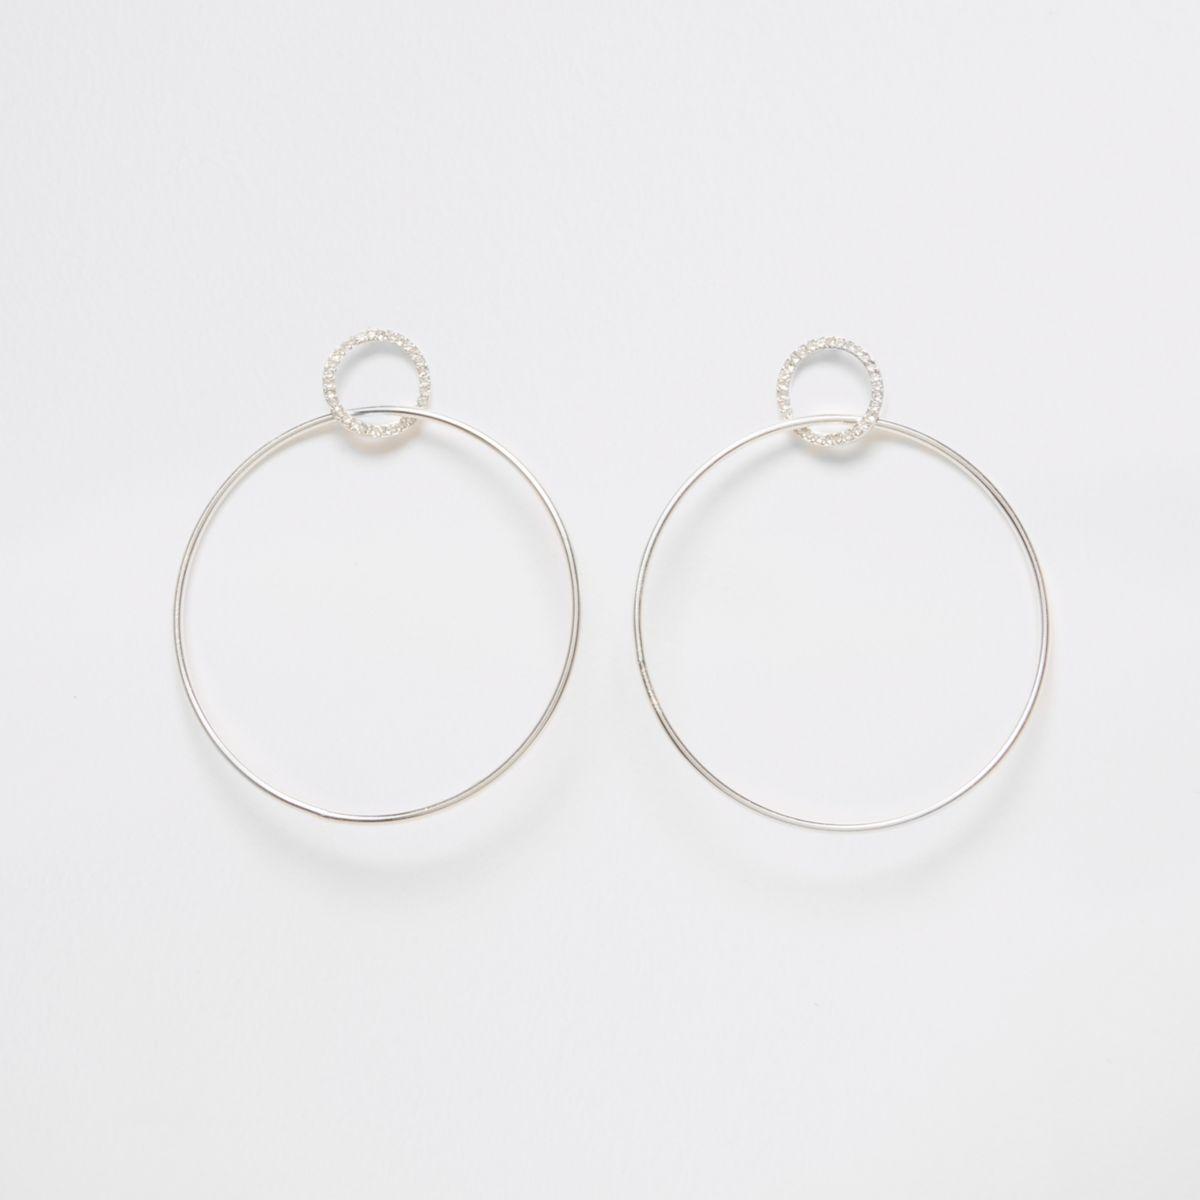 Silver tone pave hoop drop earrings